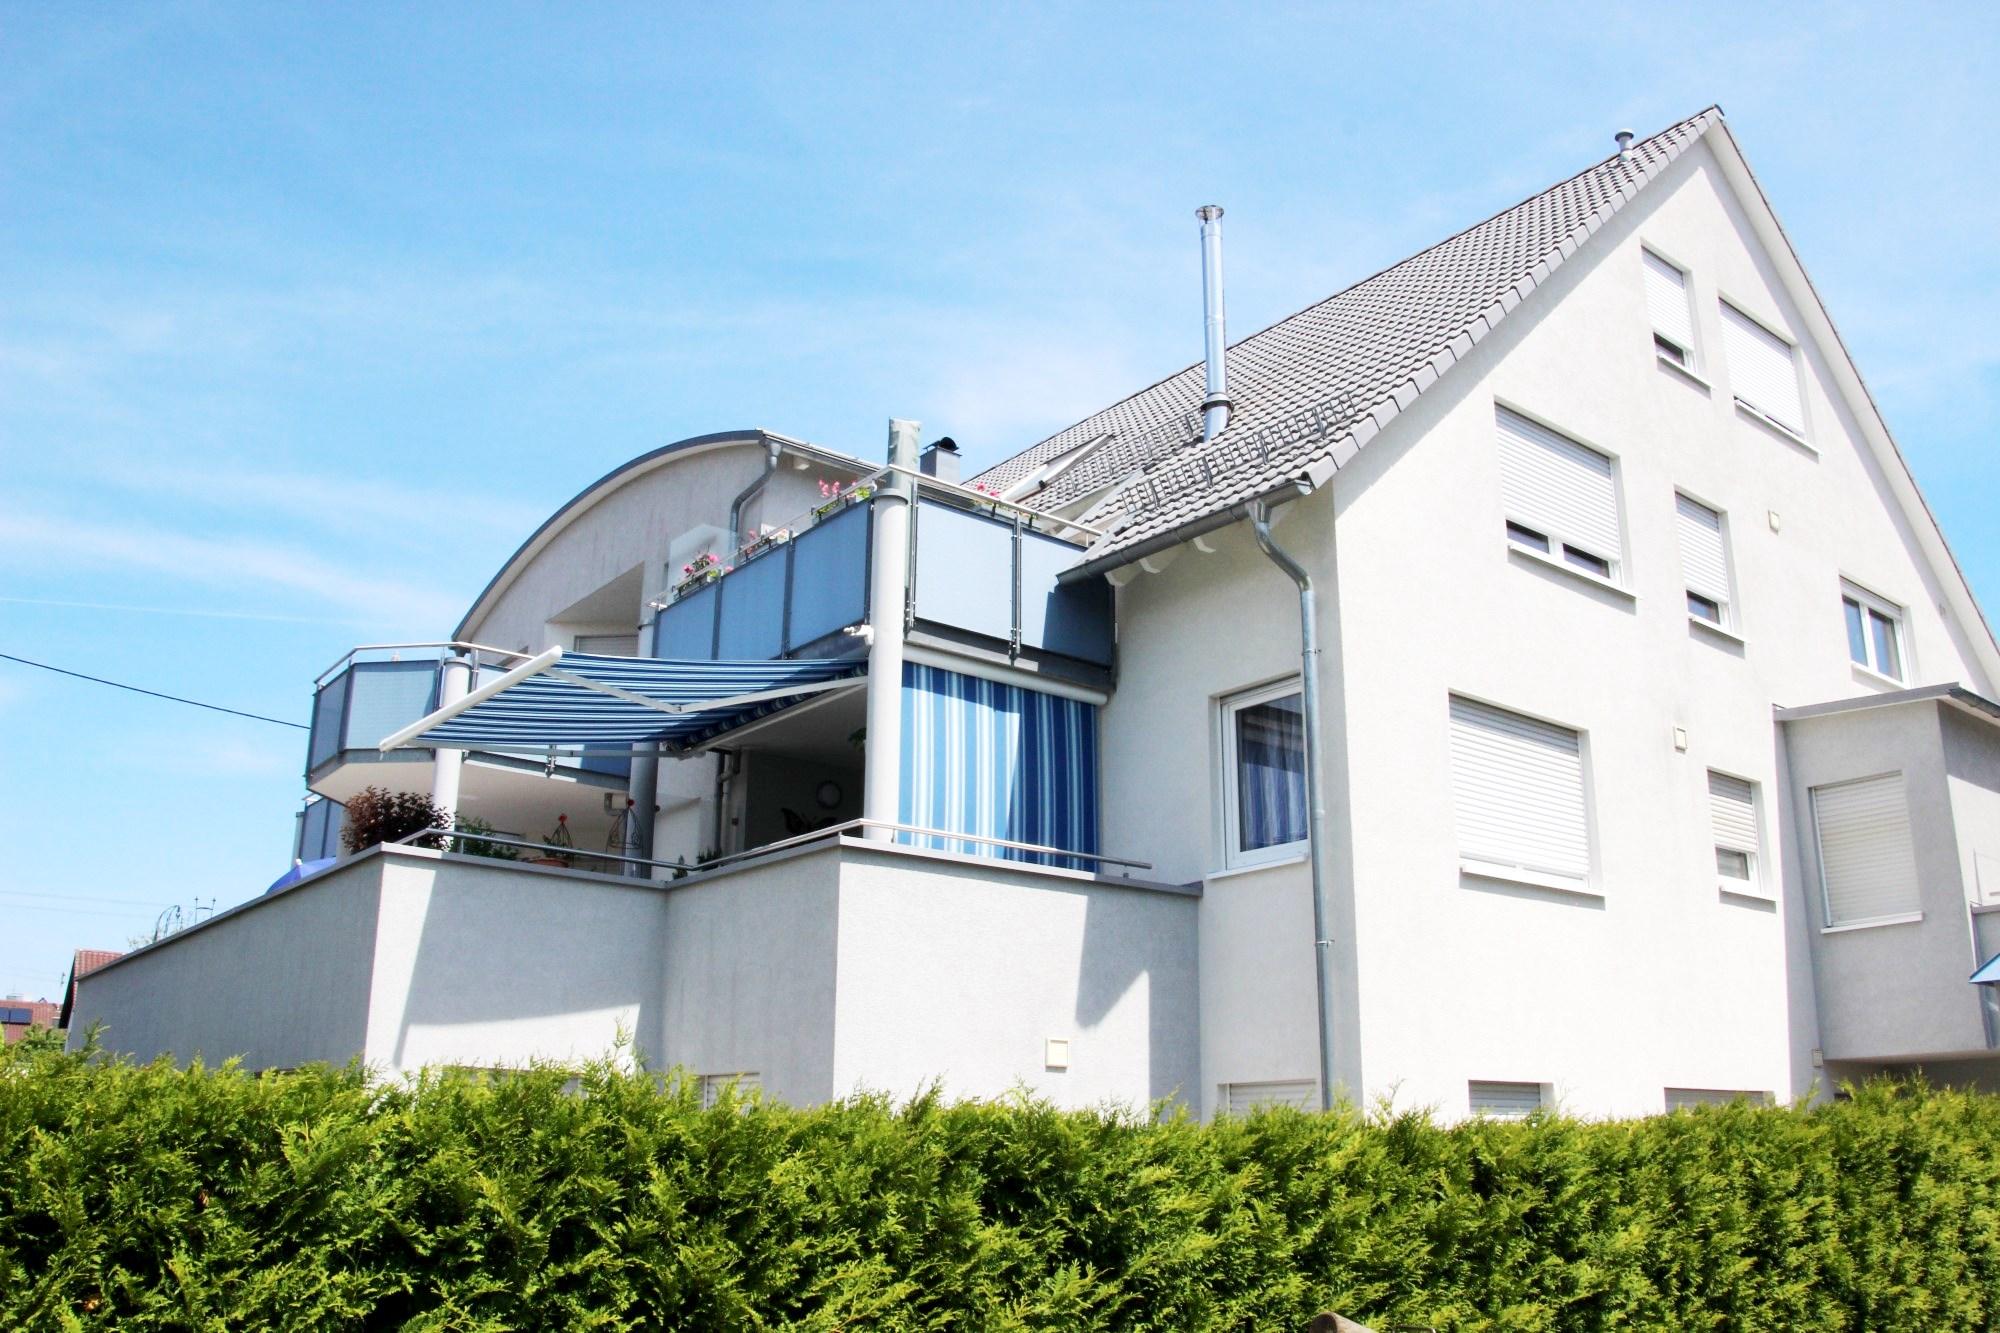 2008 | 16-Familienhaus Brühlstraße in Sindelfingen-Maichingen , Architekt Dipl. Ing. U. Gehrer